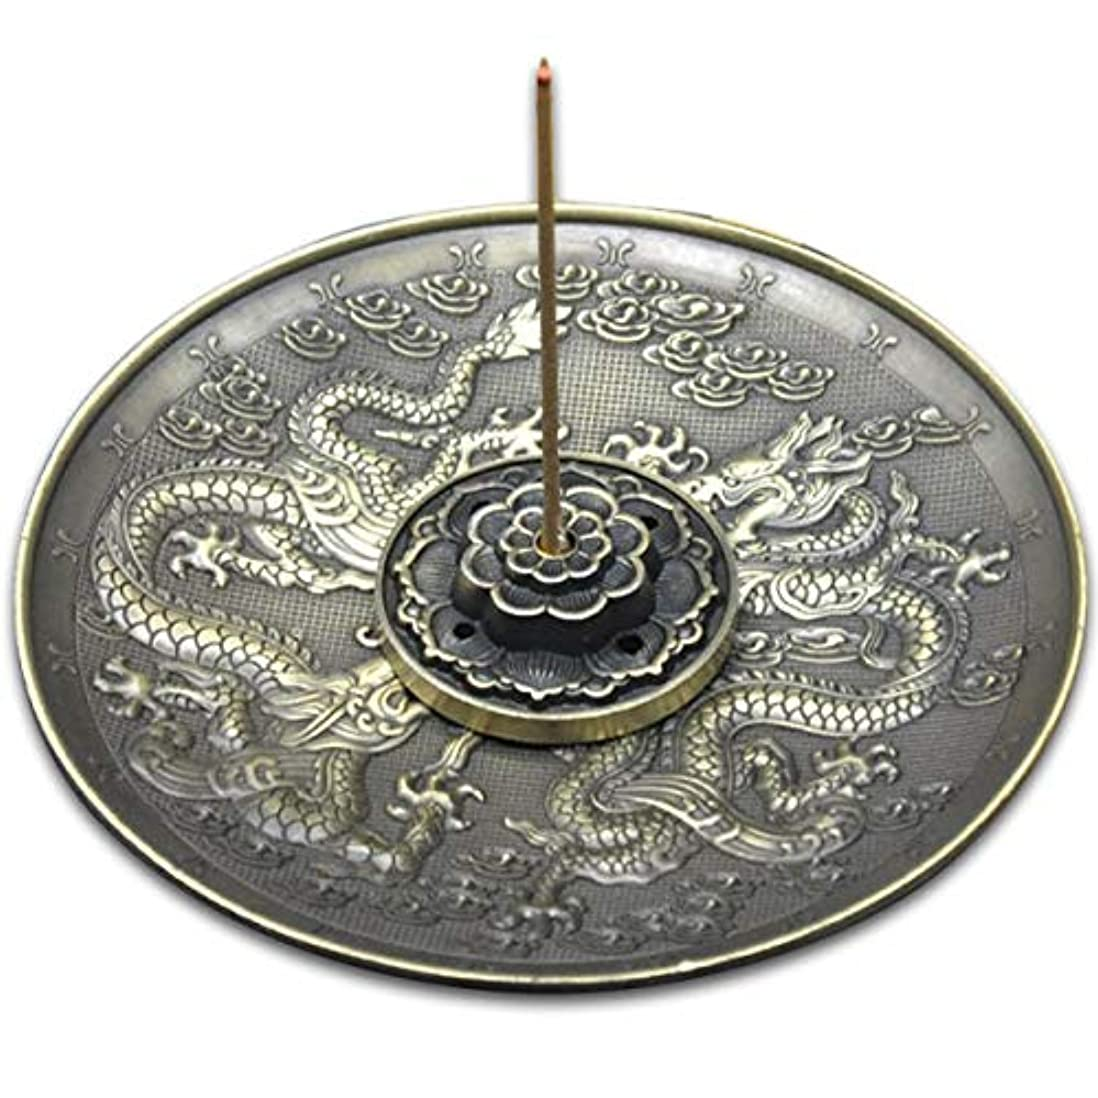 バングラデシュリスナー雑品(ナギ?サウンド)Nagi?Sound 香皿 お香 立て 龍 蓮 5孔 香道 合金製 (青銅色)